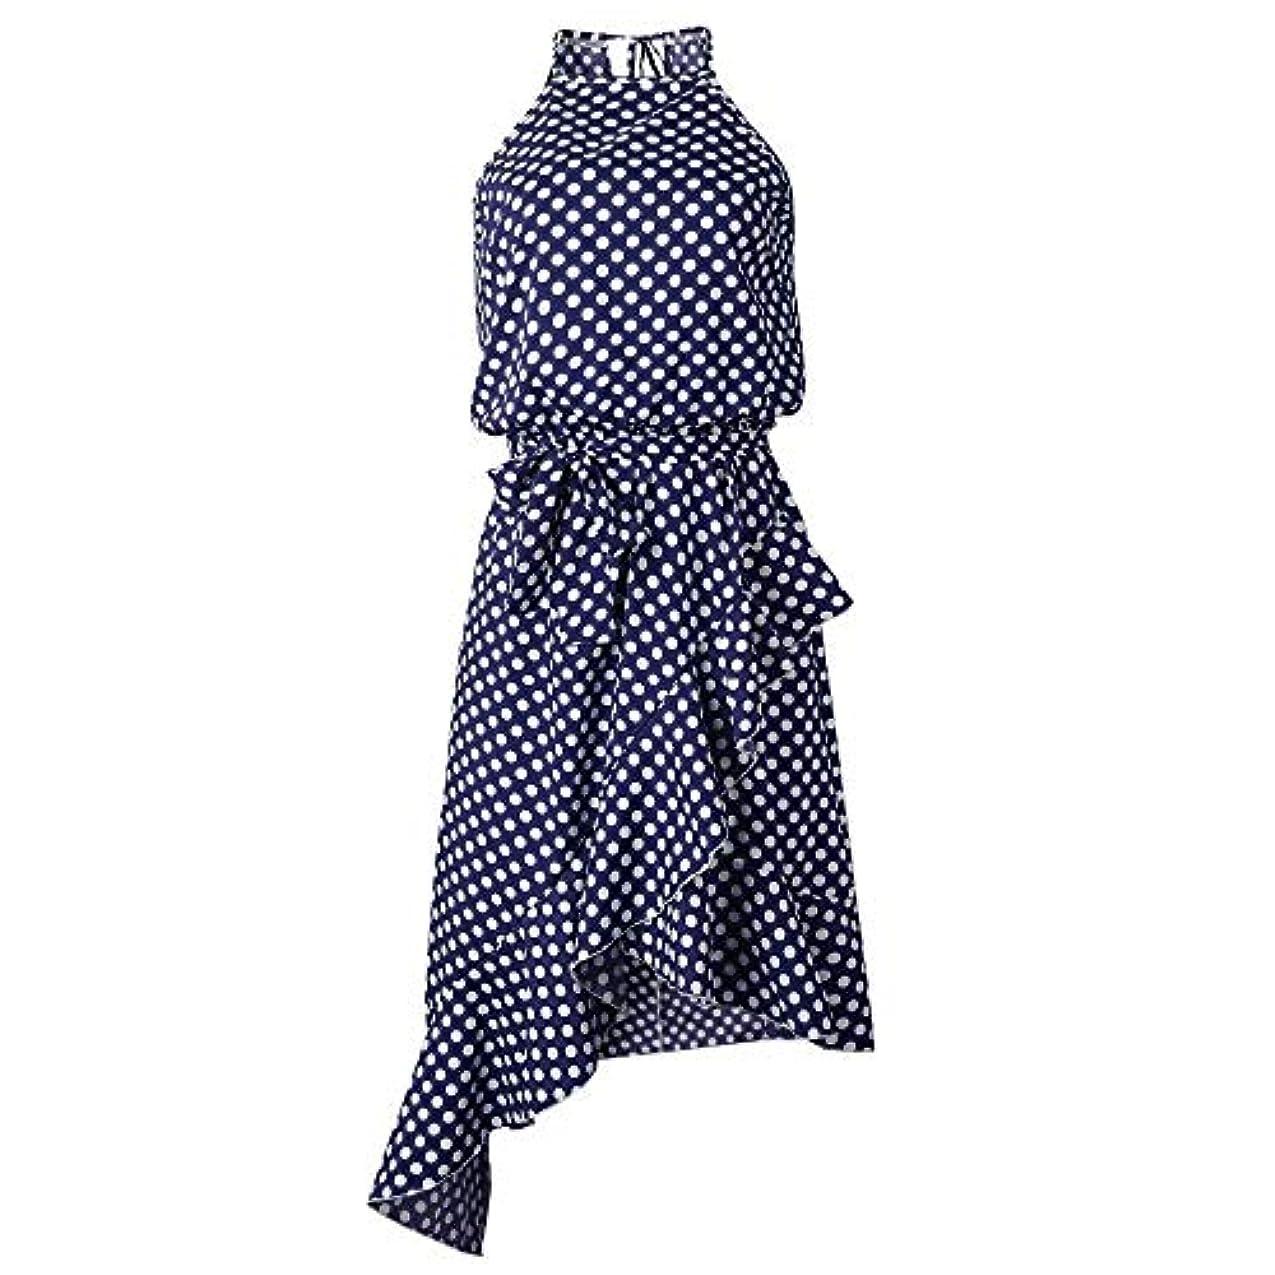 クリスマス評議会ホテルOnderroa - 夏のドレスの女性の新しいファッションホルターポルカドットプリントカジュアルドレスレディースフリルエレガントなドレス